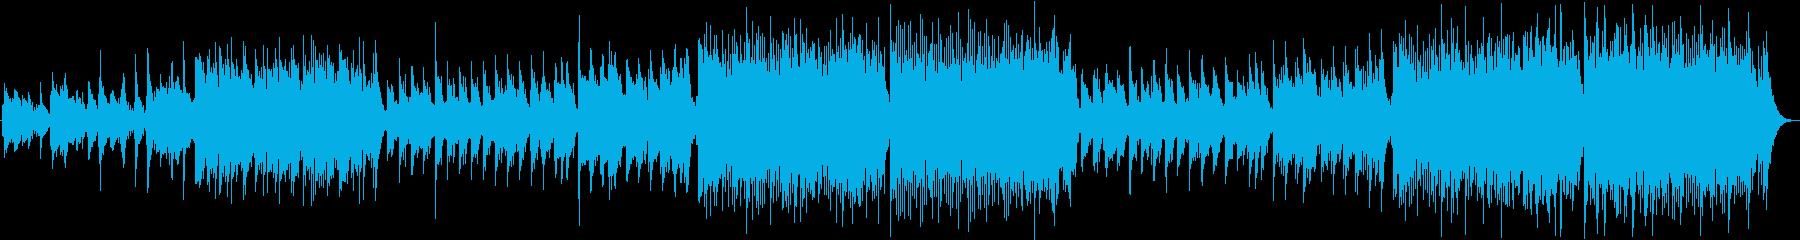 ティン・ホイッスルで幻想的なケルト音楽の再生済みの波形